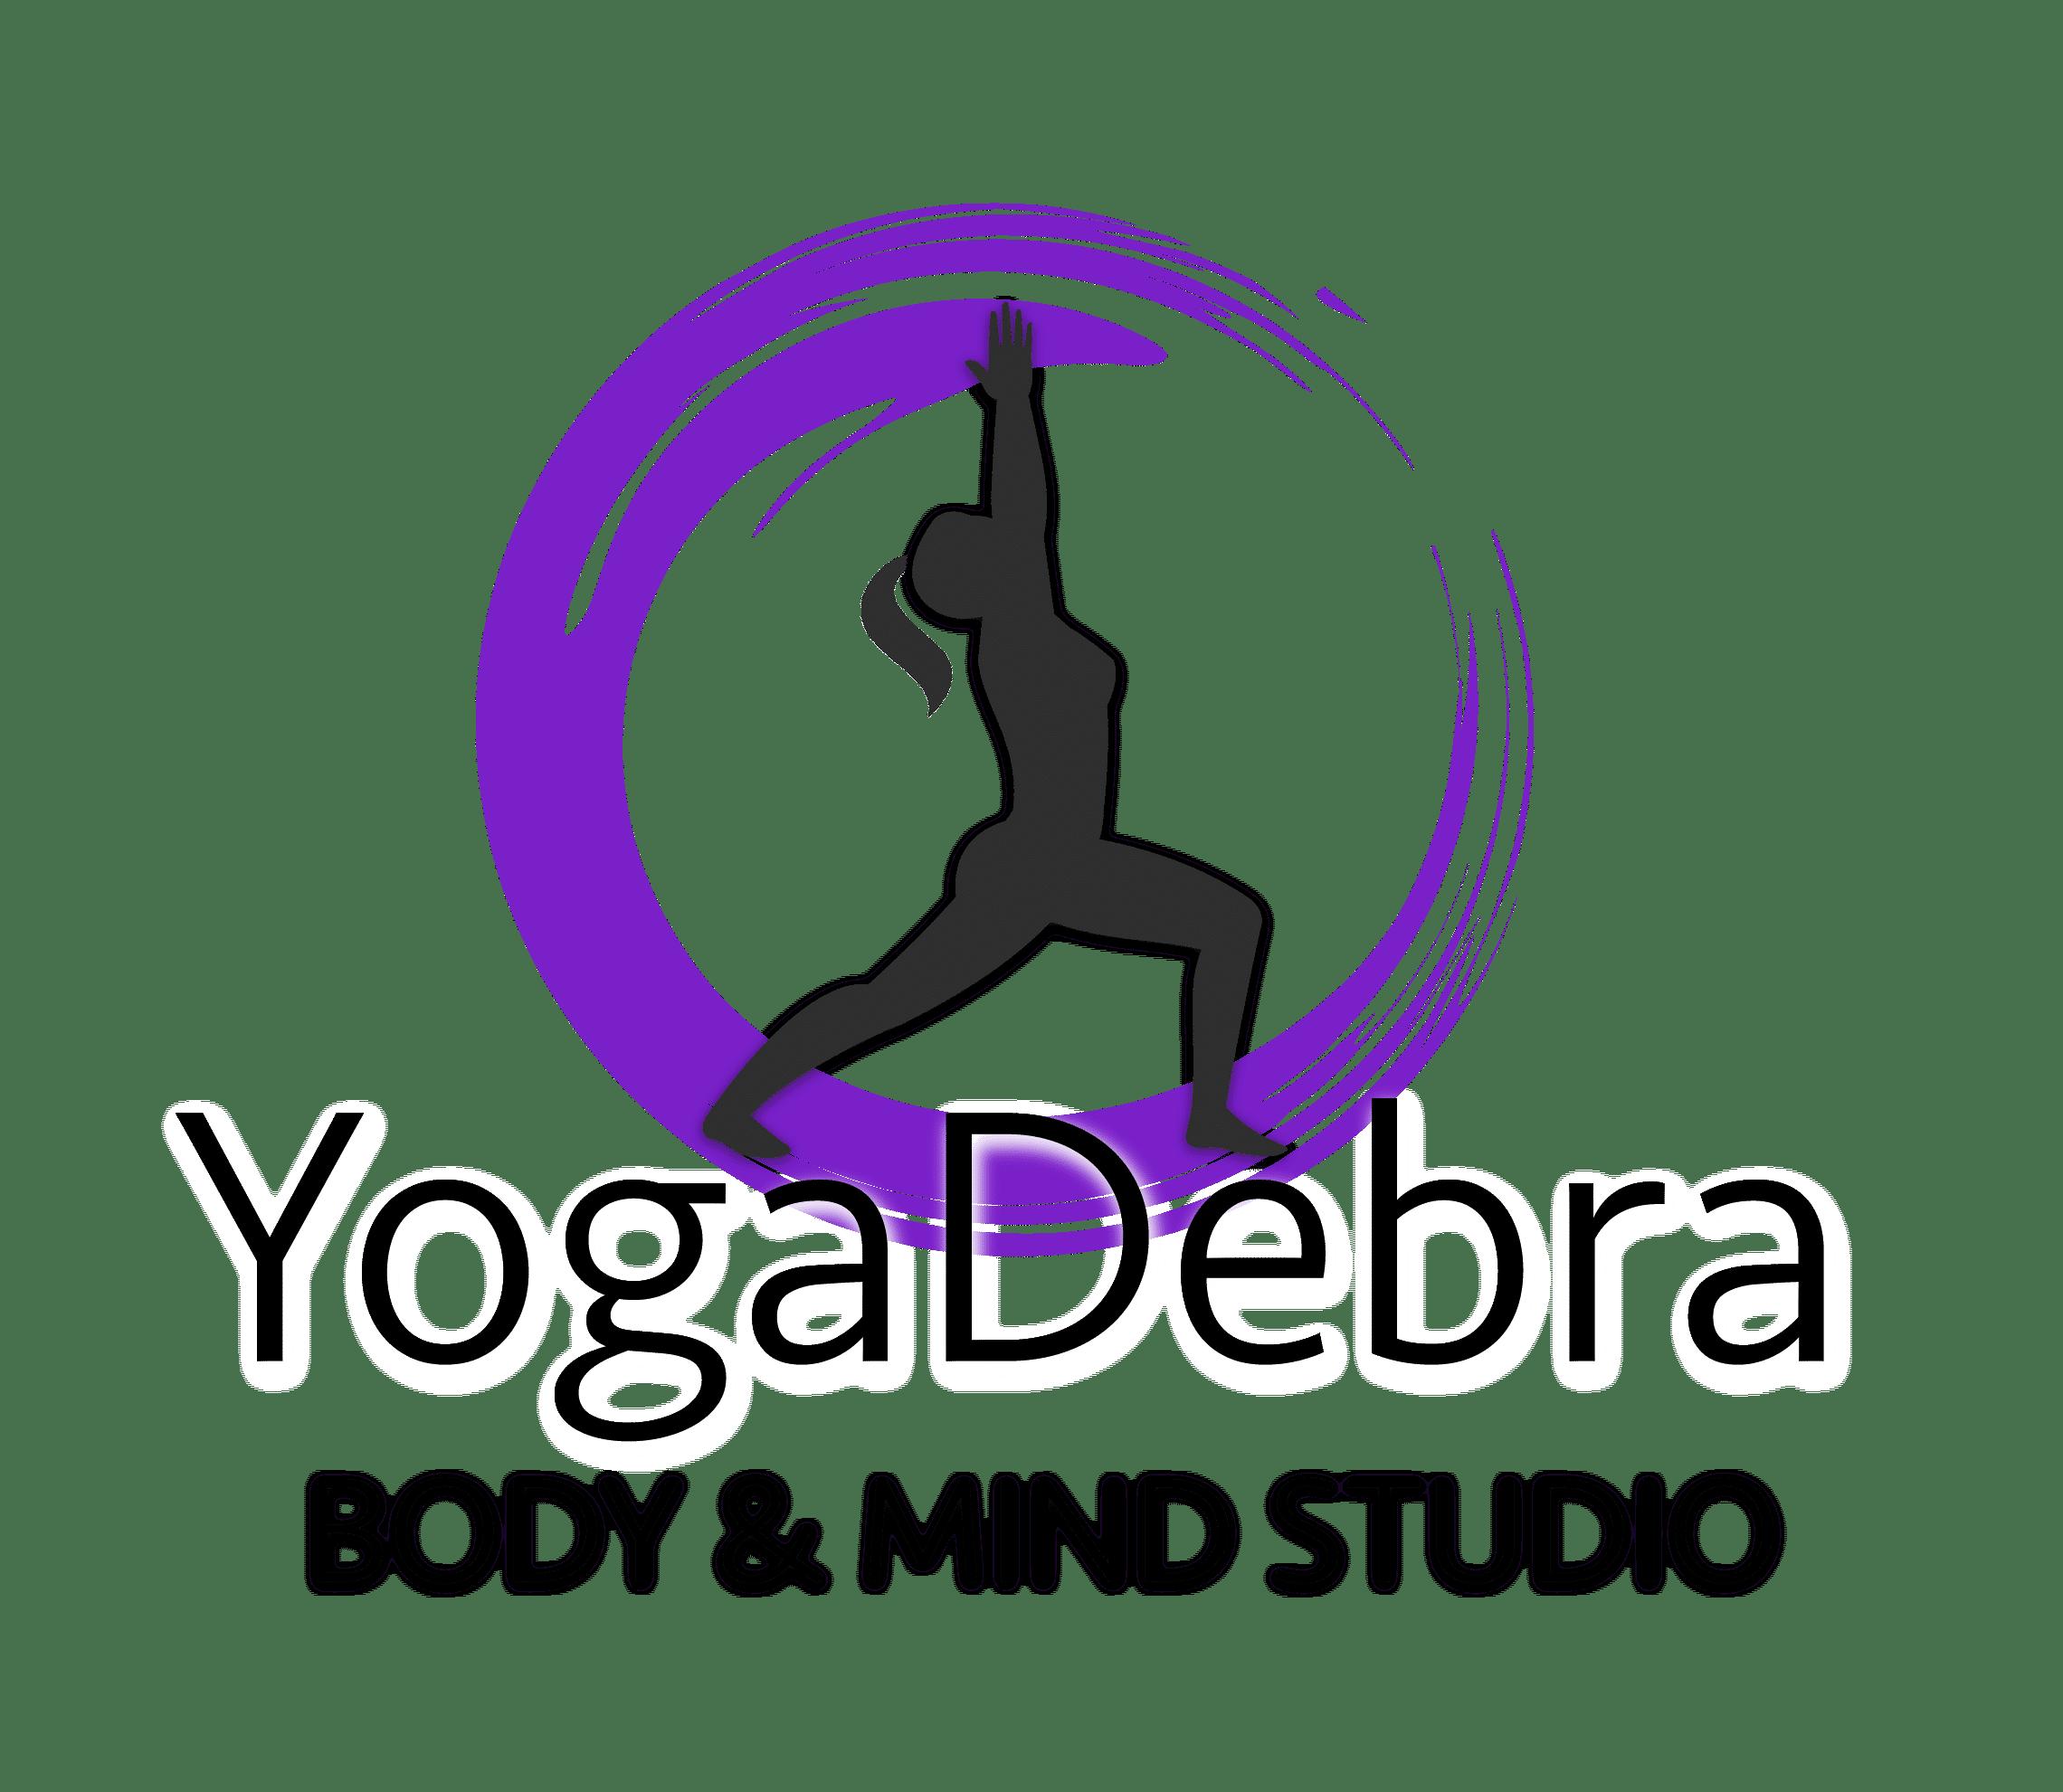 YogaDebra